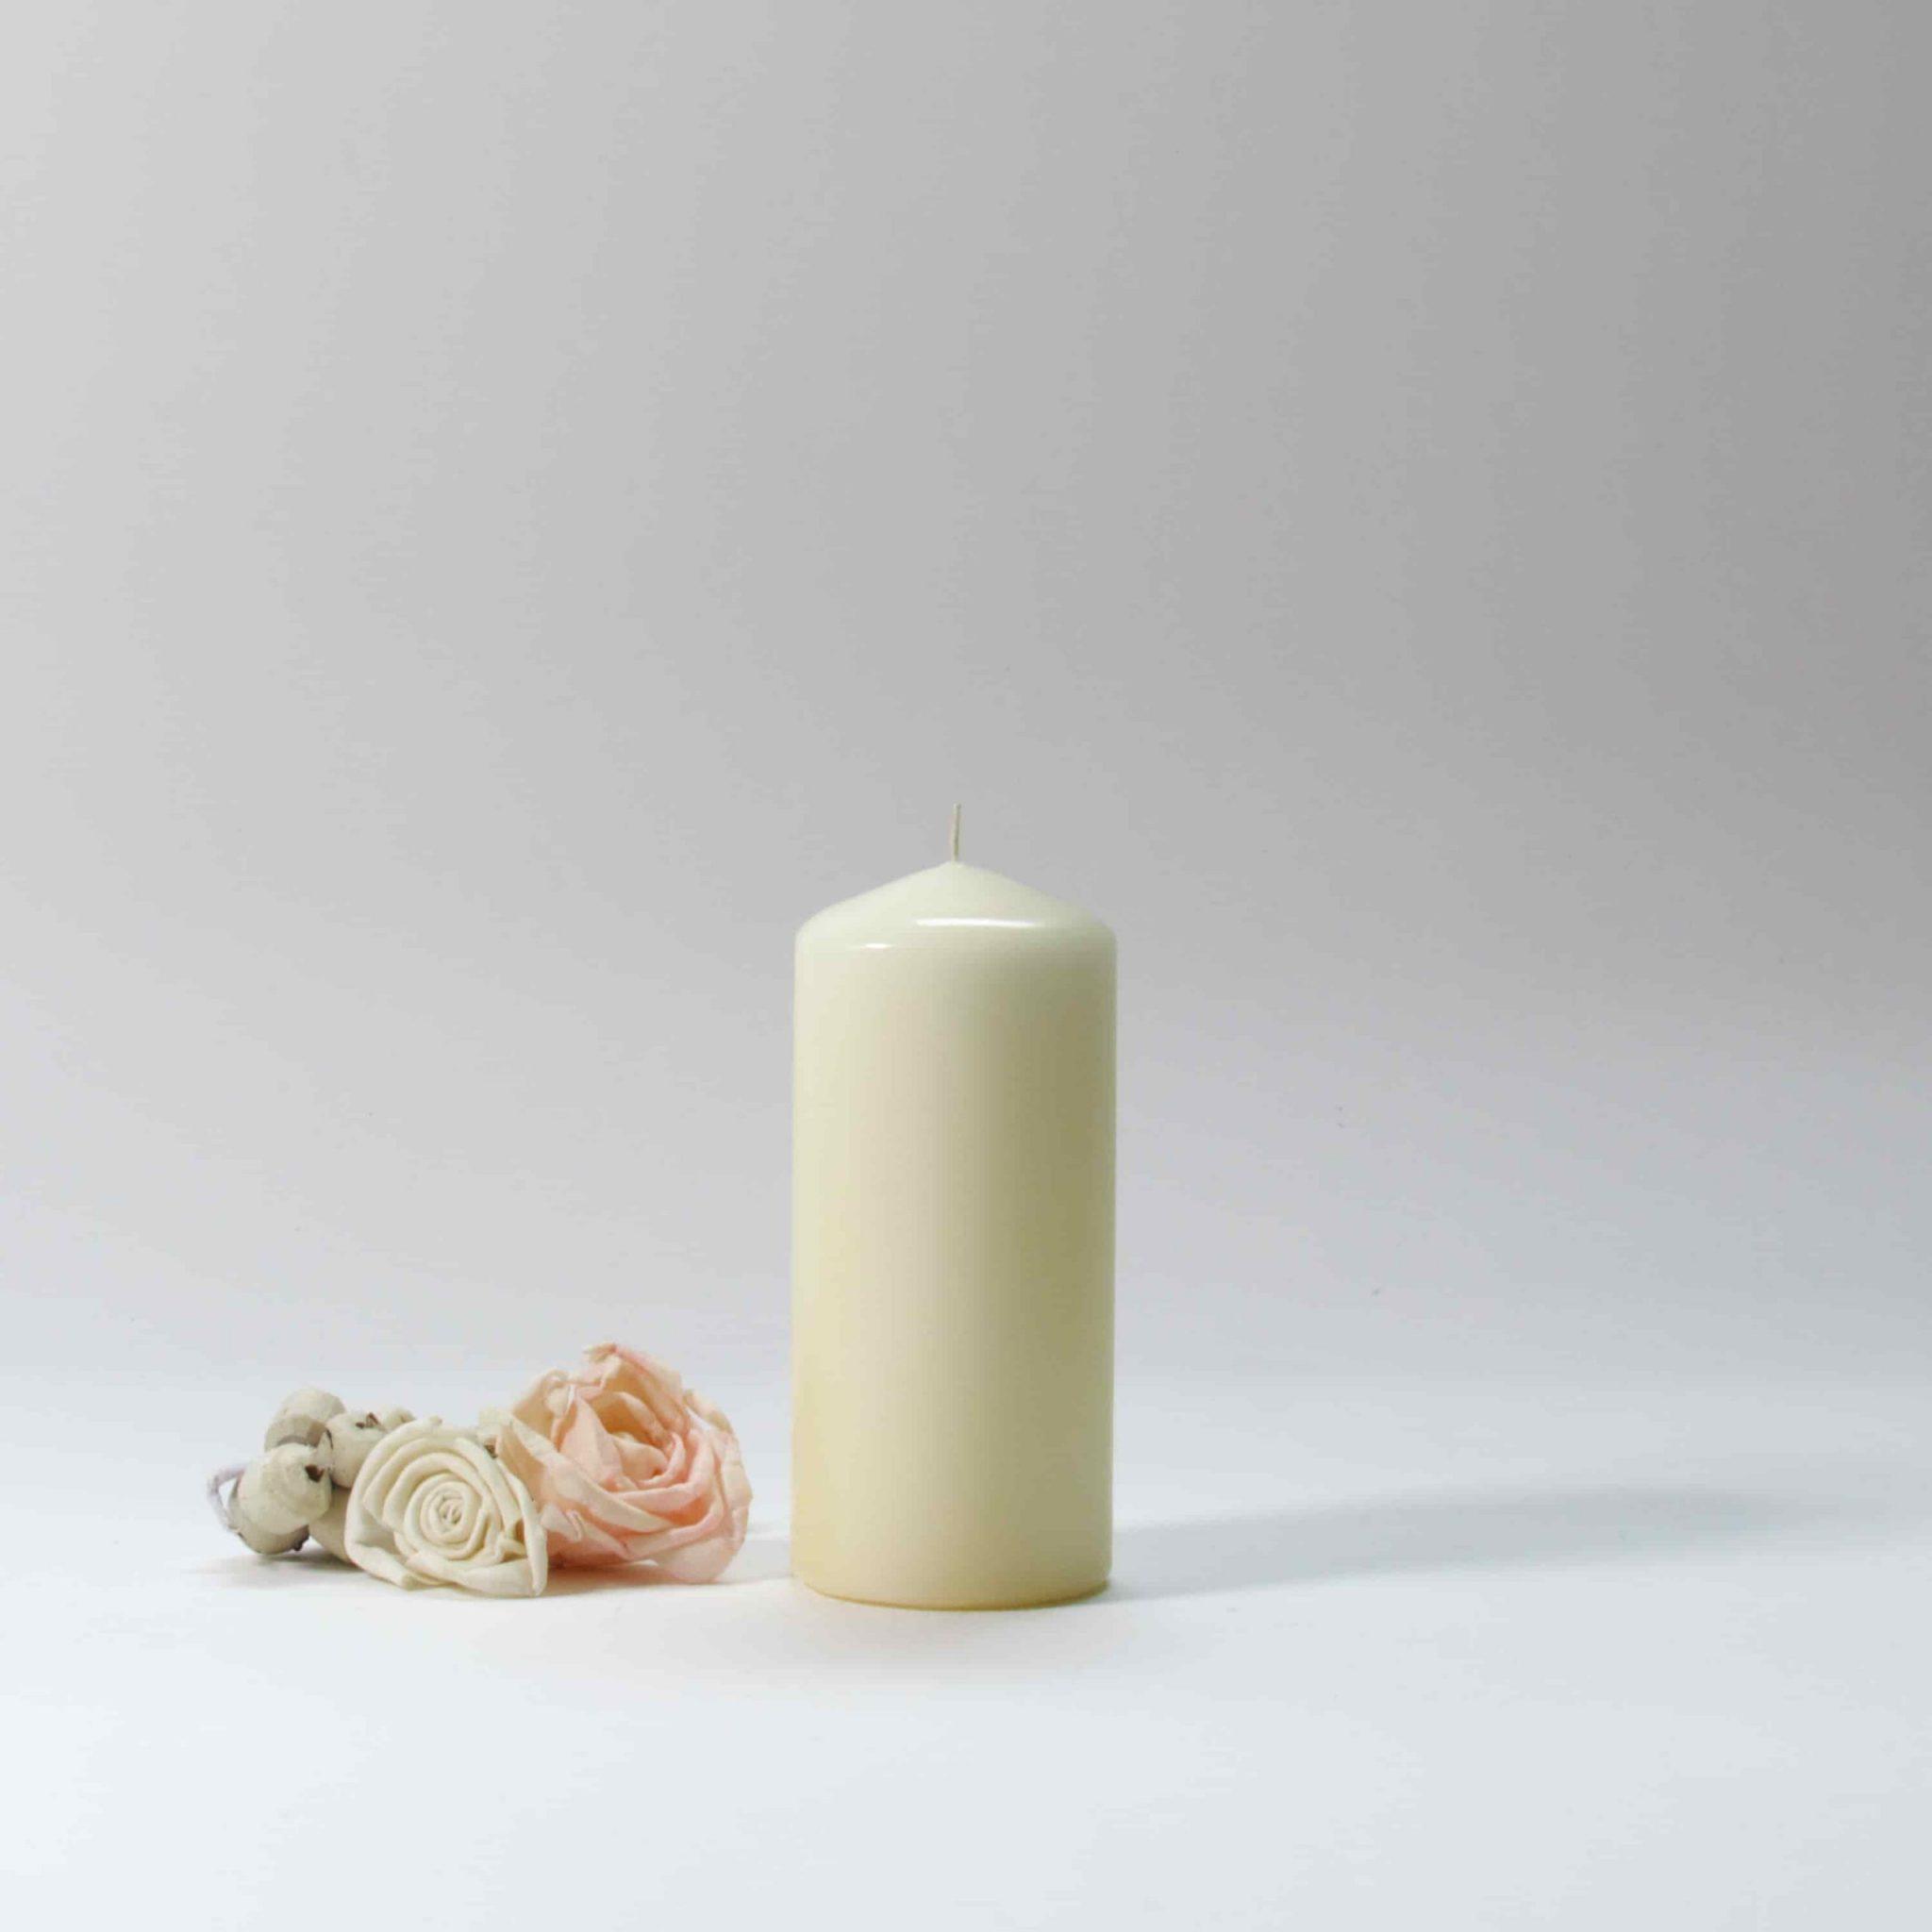 ivory pillar candles, large candles, pillar candles, large pillar candles, pillar candles bulk,